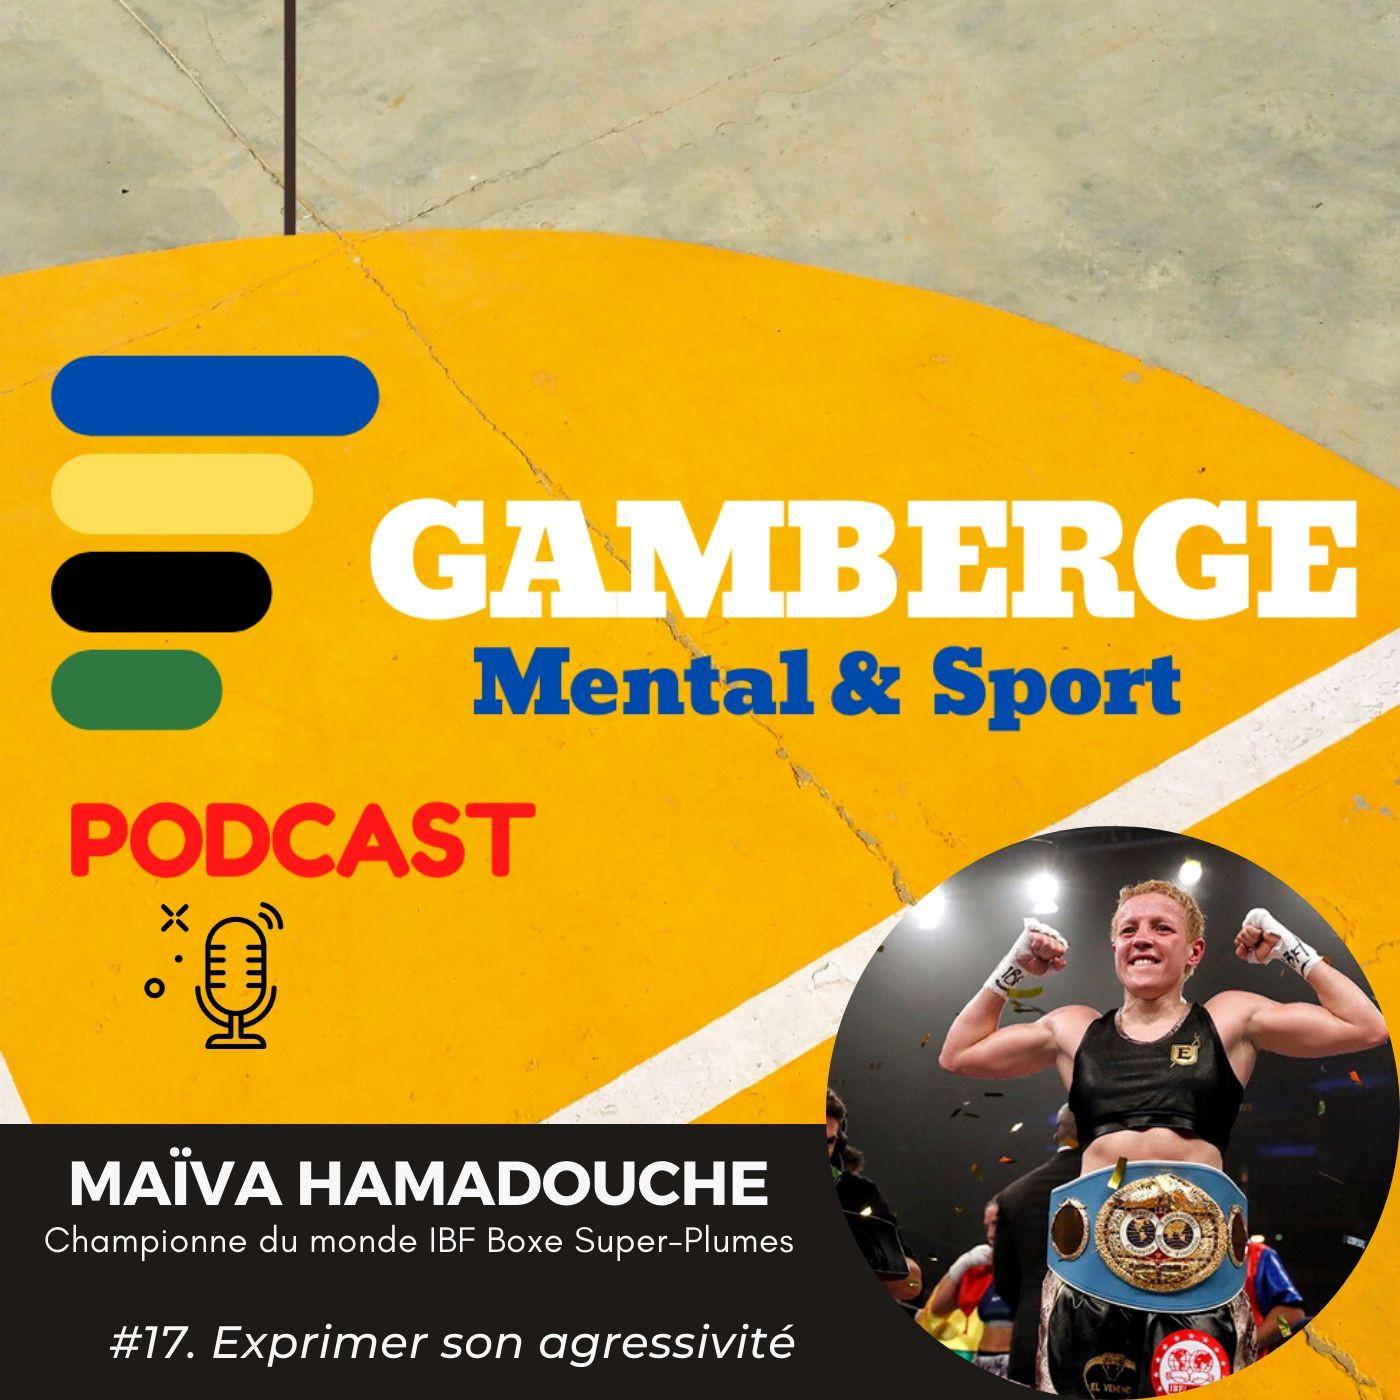 #17. Maïva Hamadouche: Exprimer son agressivité